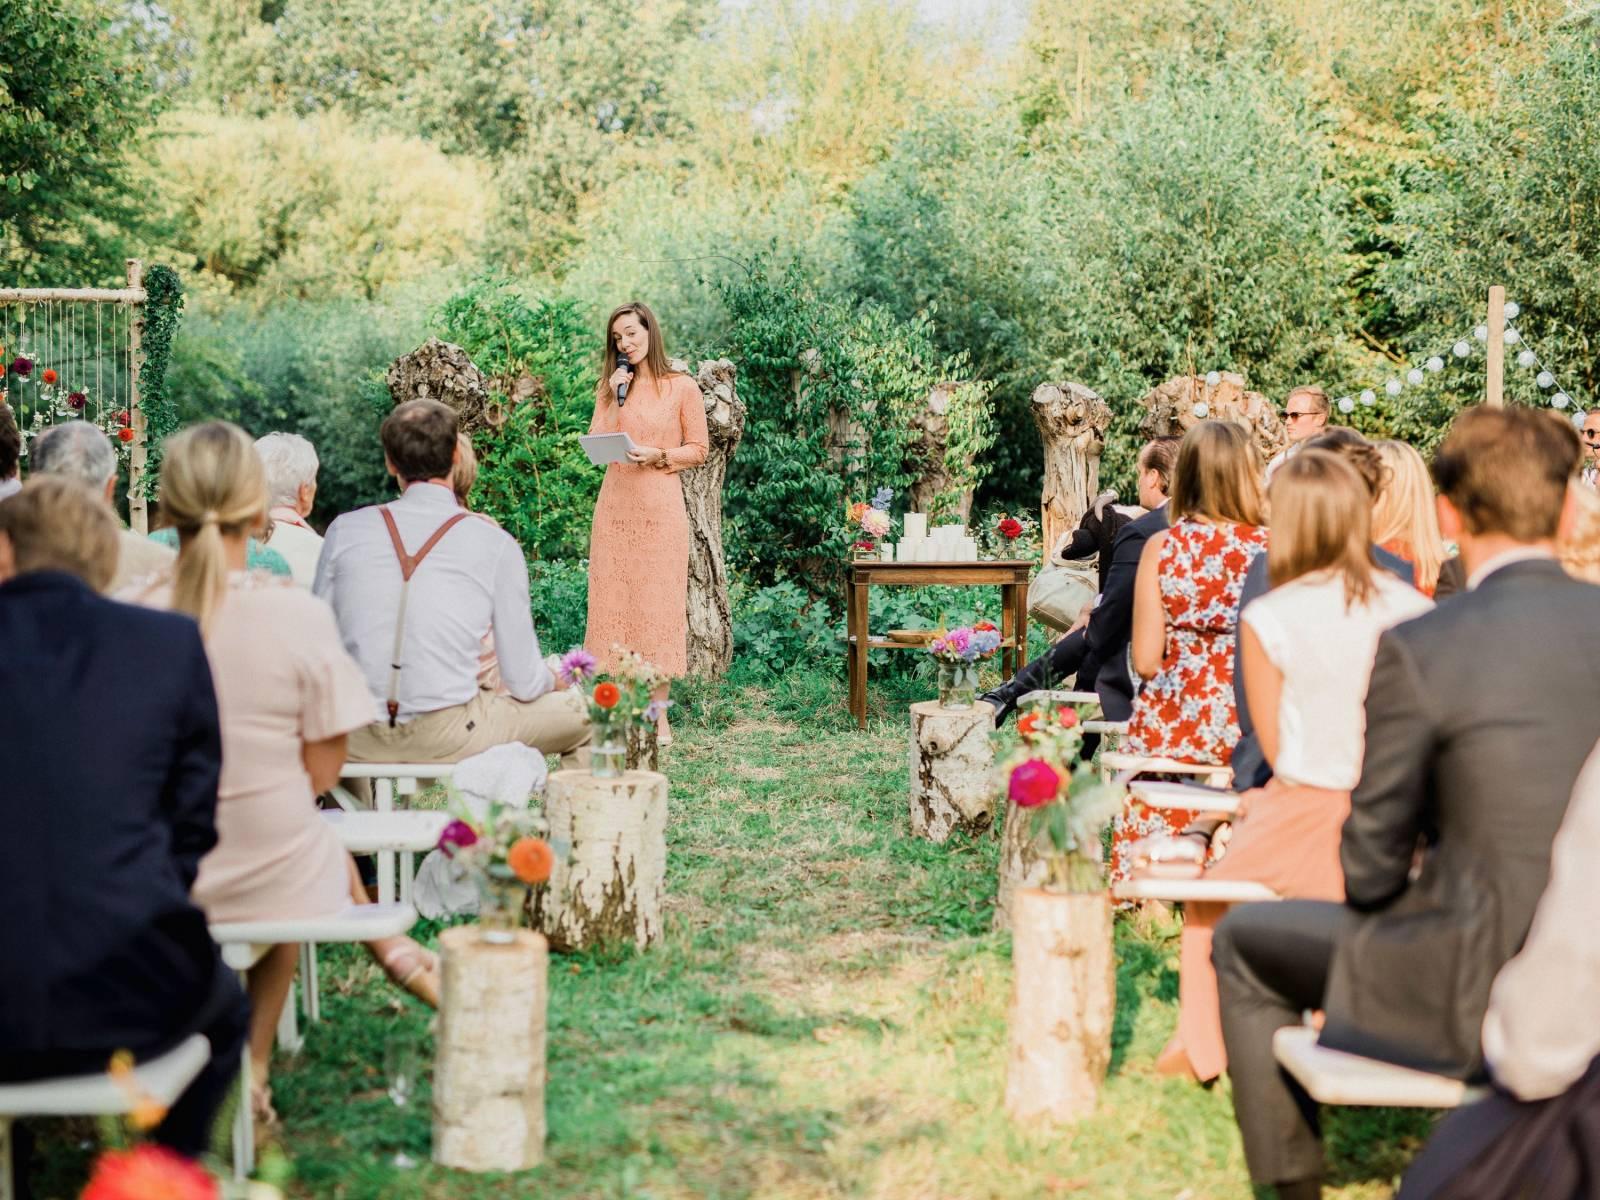 Merveil - Ceremoniespreker - Fine Art Wedding Photographer Elisabeth Van Lent - Antwerpen Bruiloft - House of Weddings - 15